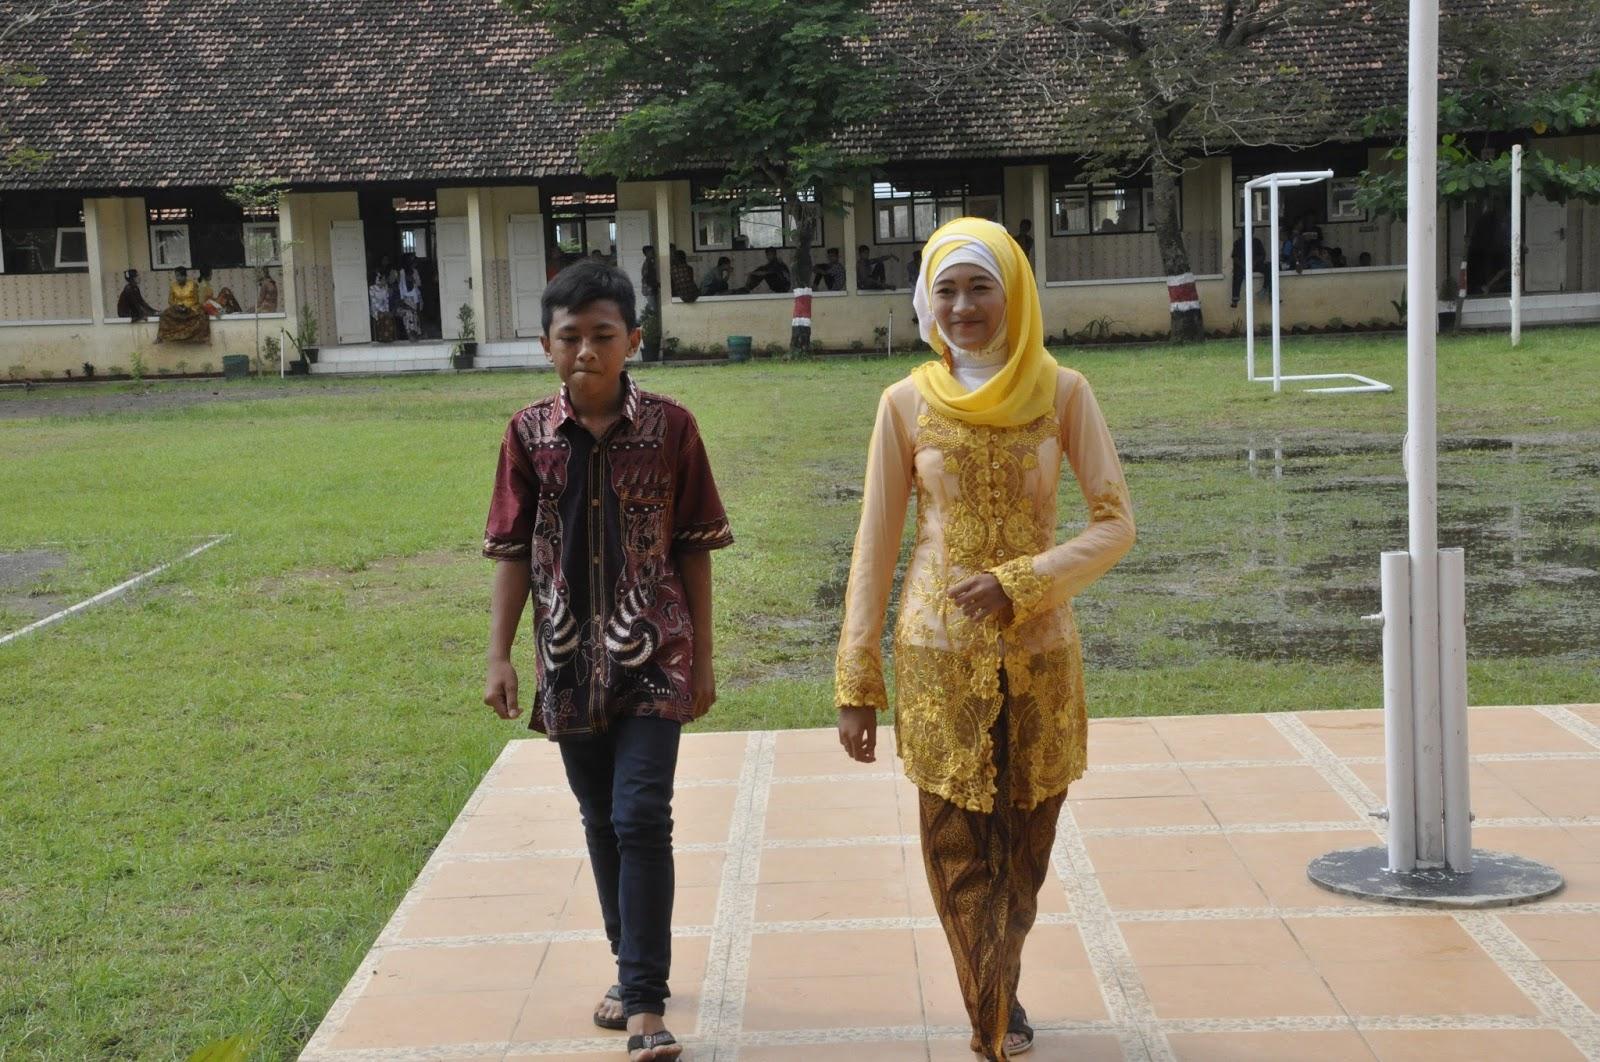 Ra Kartini Icon Keberhasilan Perjuangan Emansipasi Wanita Di